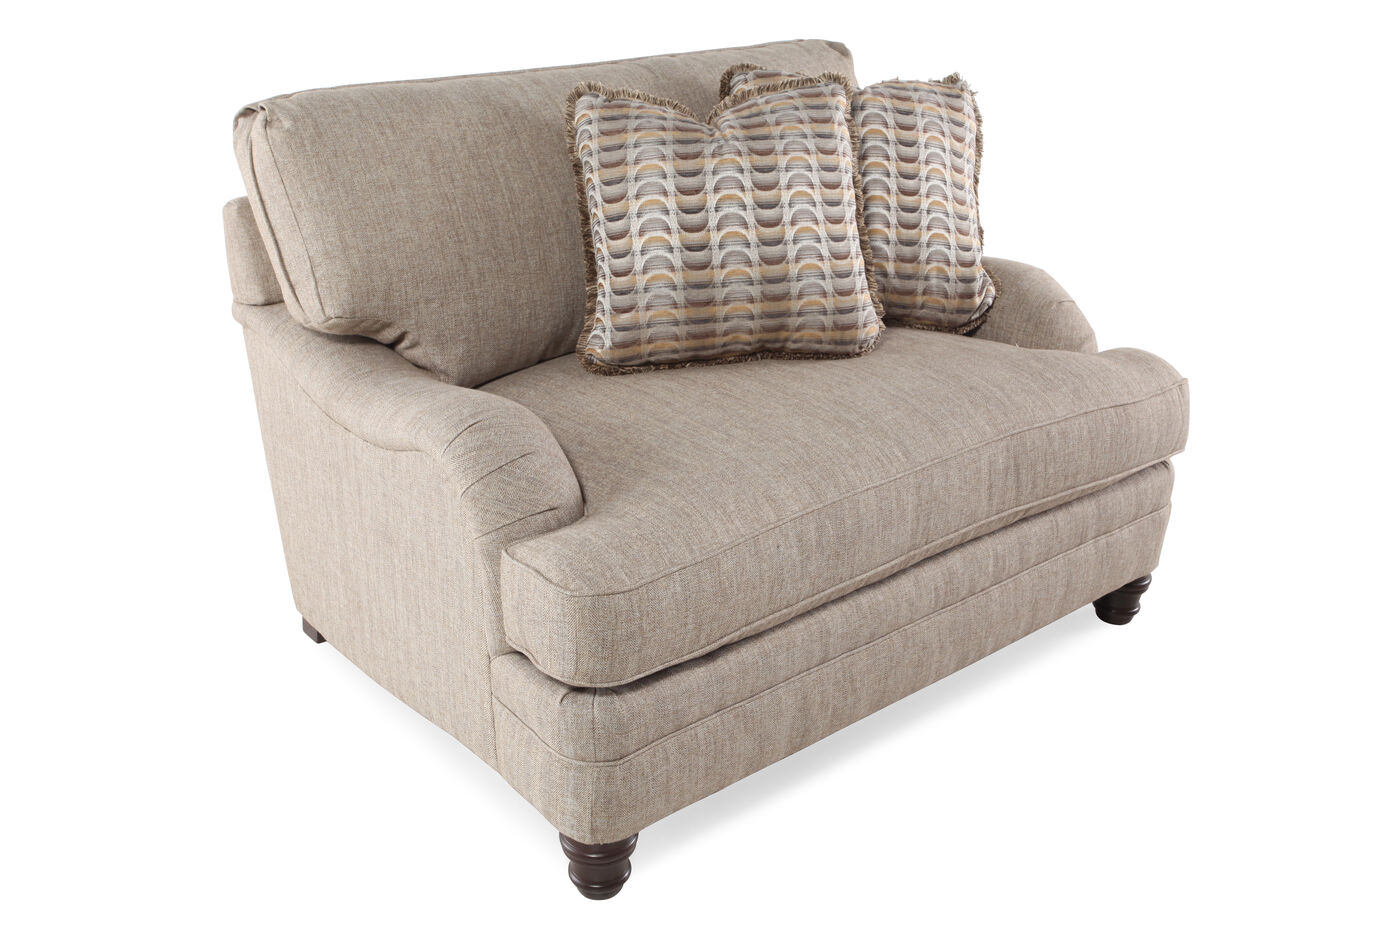 English Arm European Clic 54 5 Chair And A Half In Sandy Brown